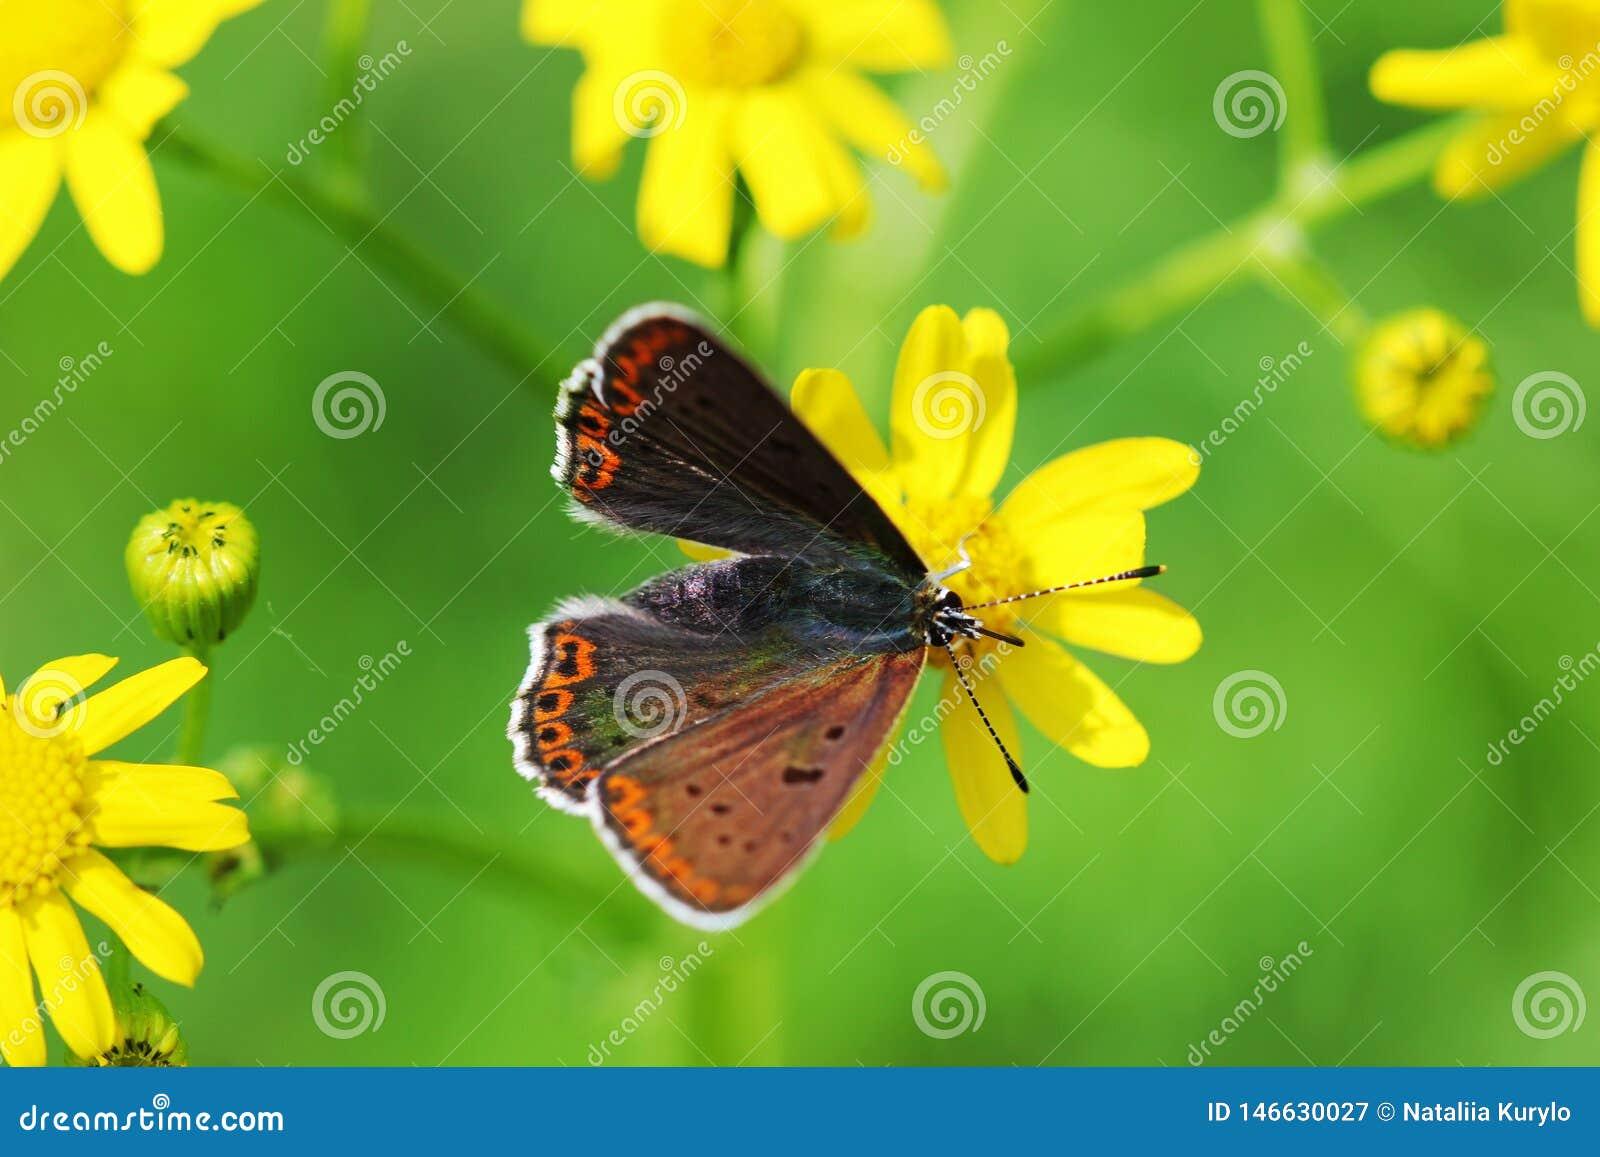 Orange butterfly on grass, macro